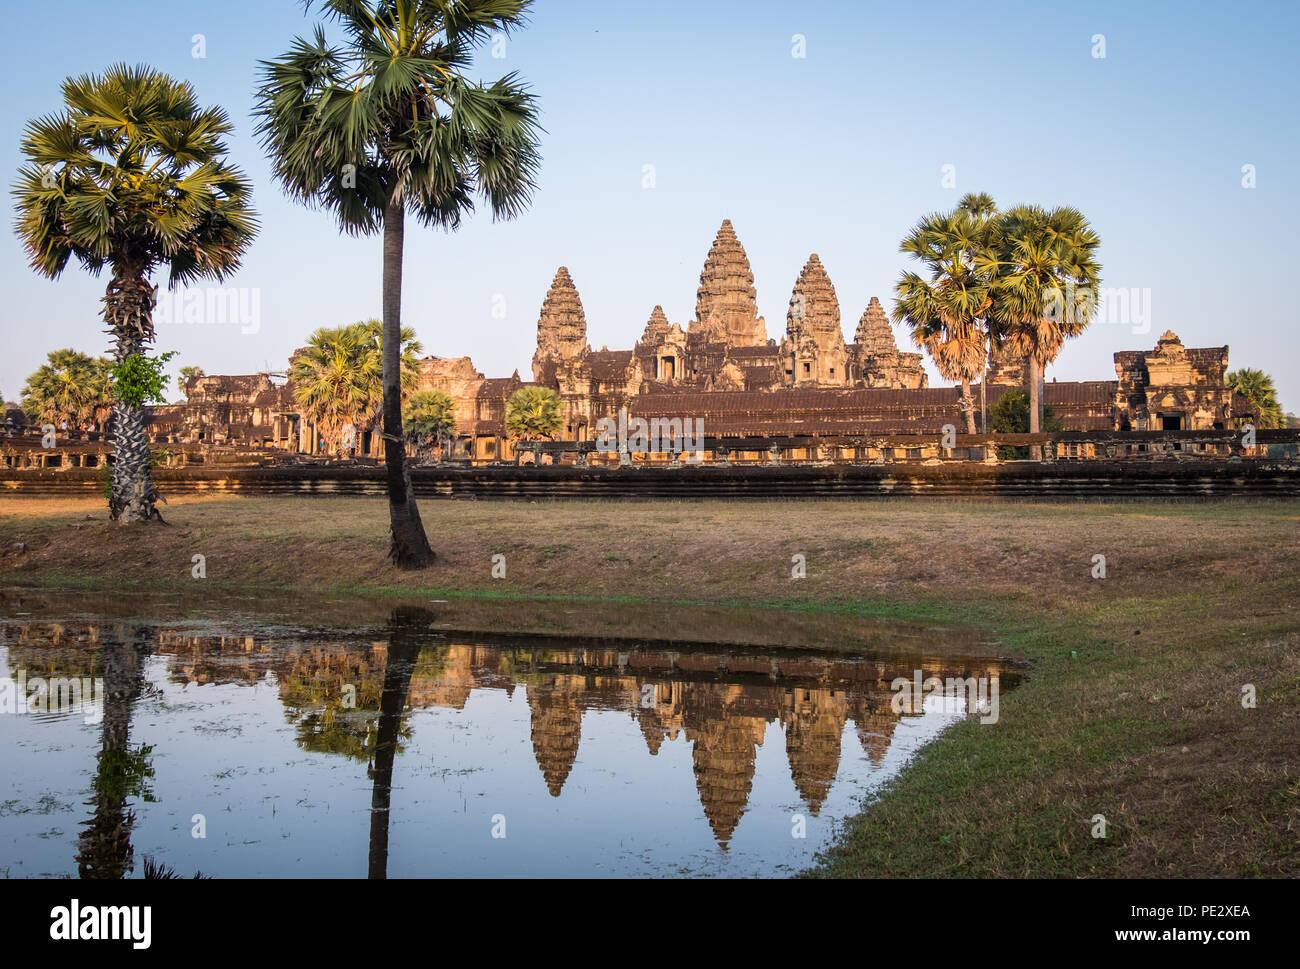 Un atardecer vista del templo de Angkor Wat en Camboya Imagen De Stock